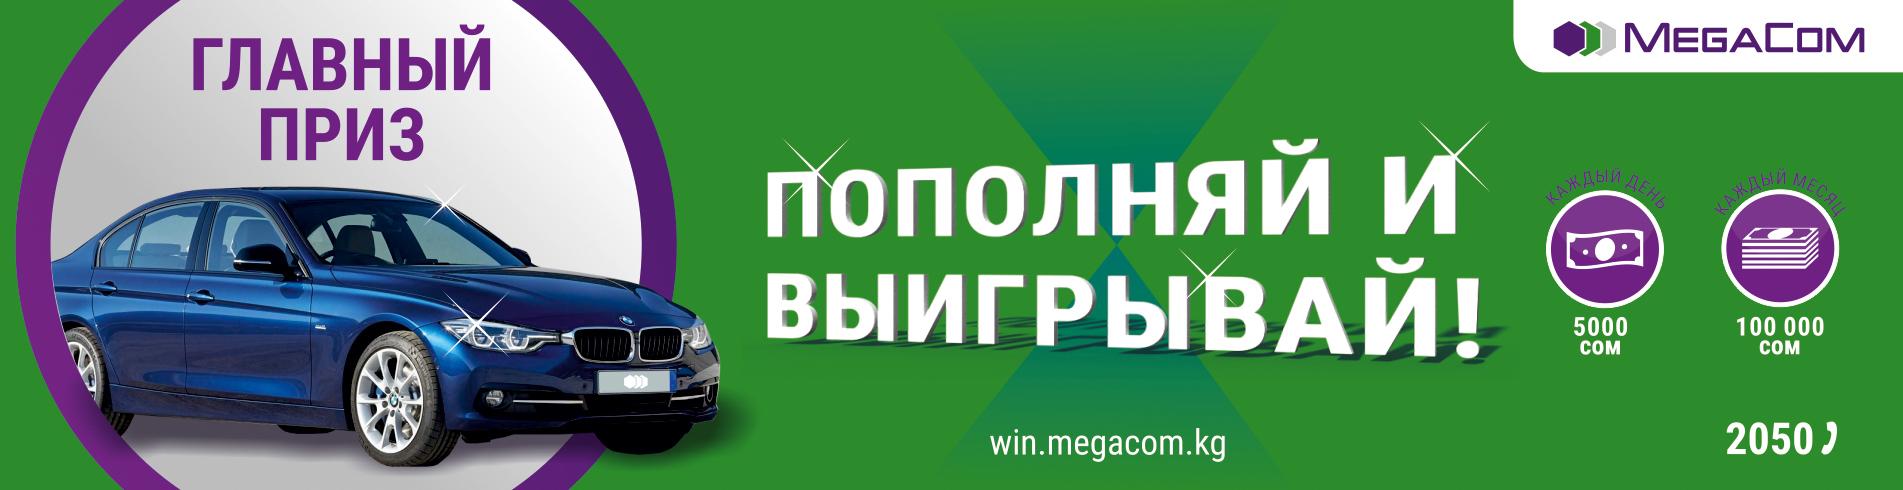 Mgocom